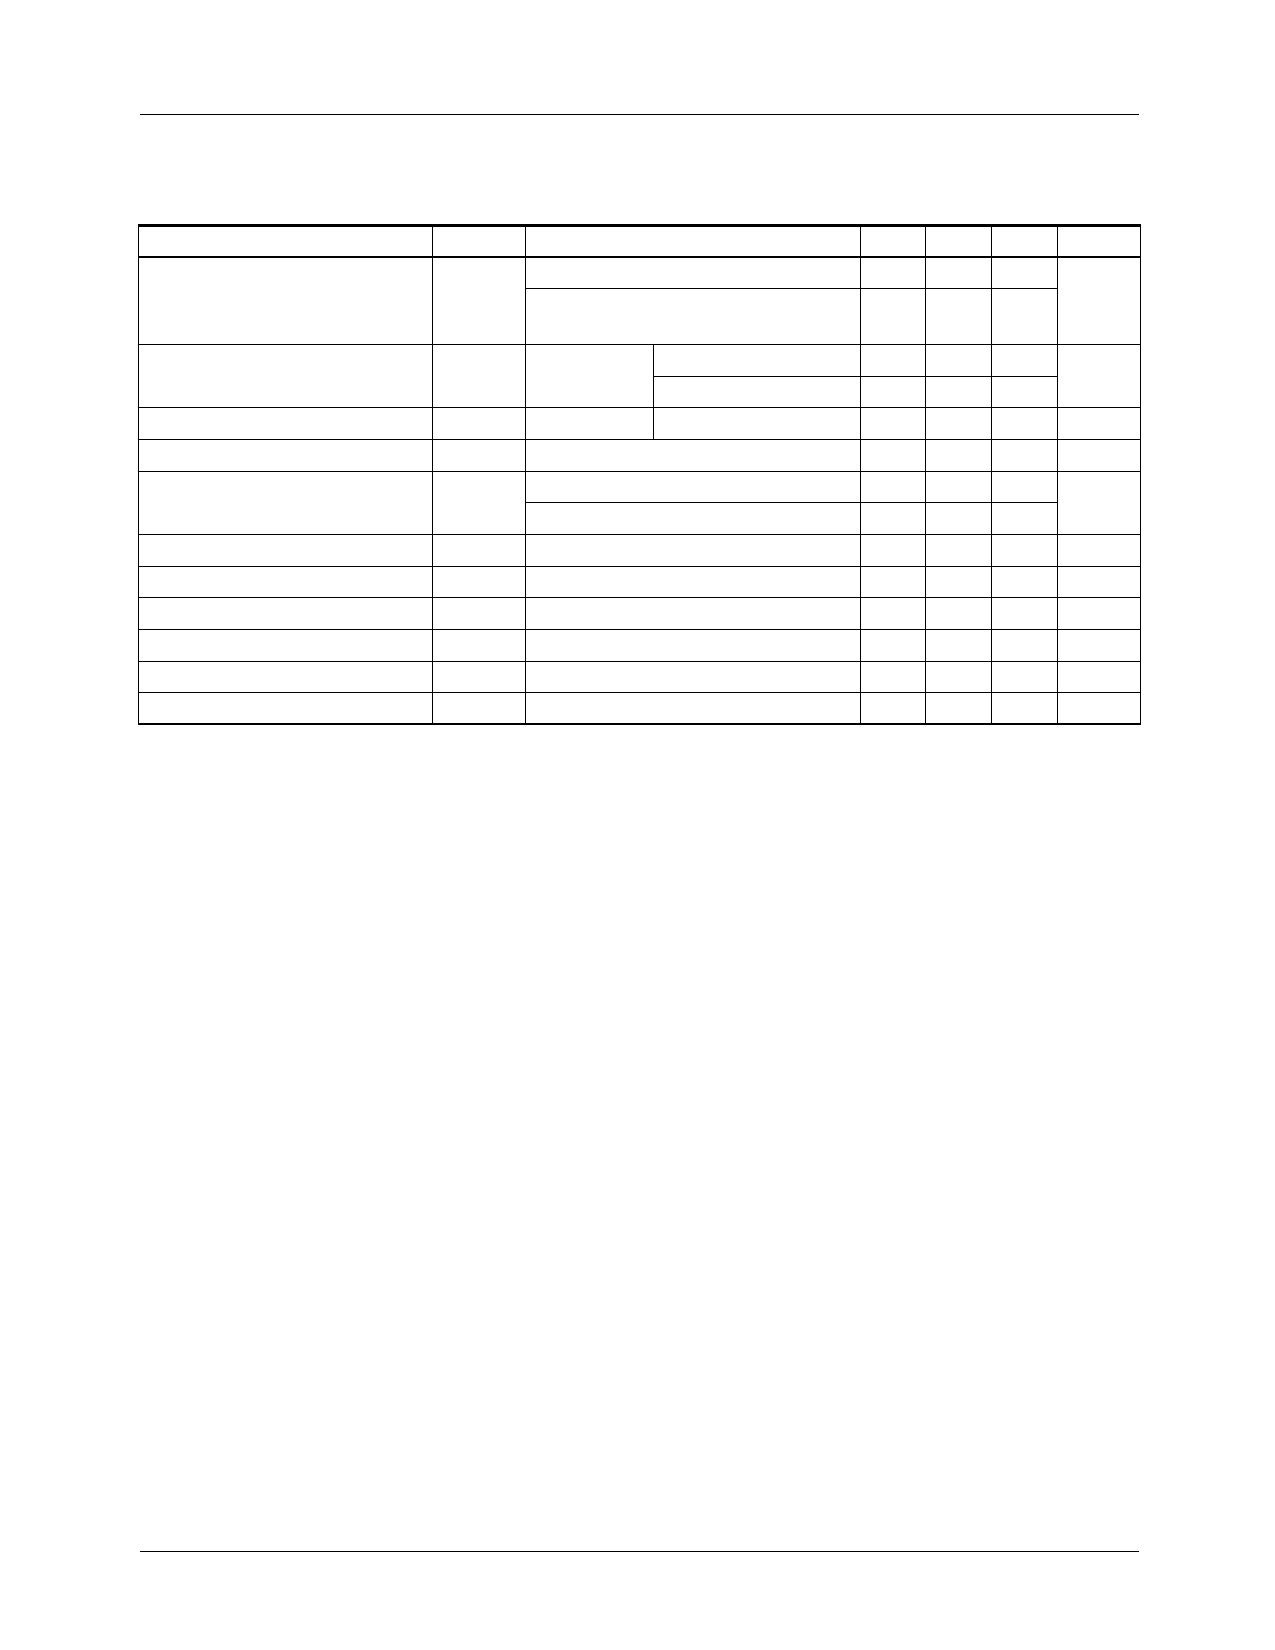 KA79M06 pdf, ピン配列